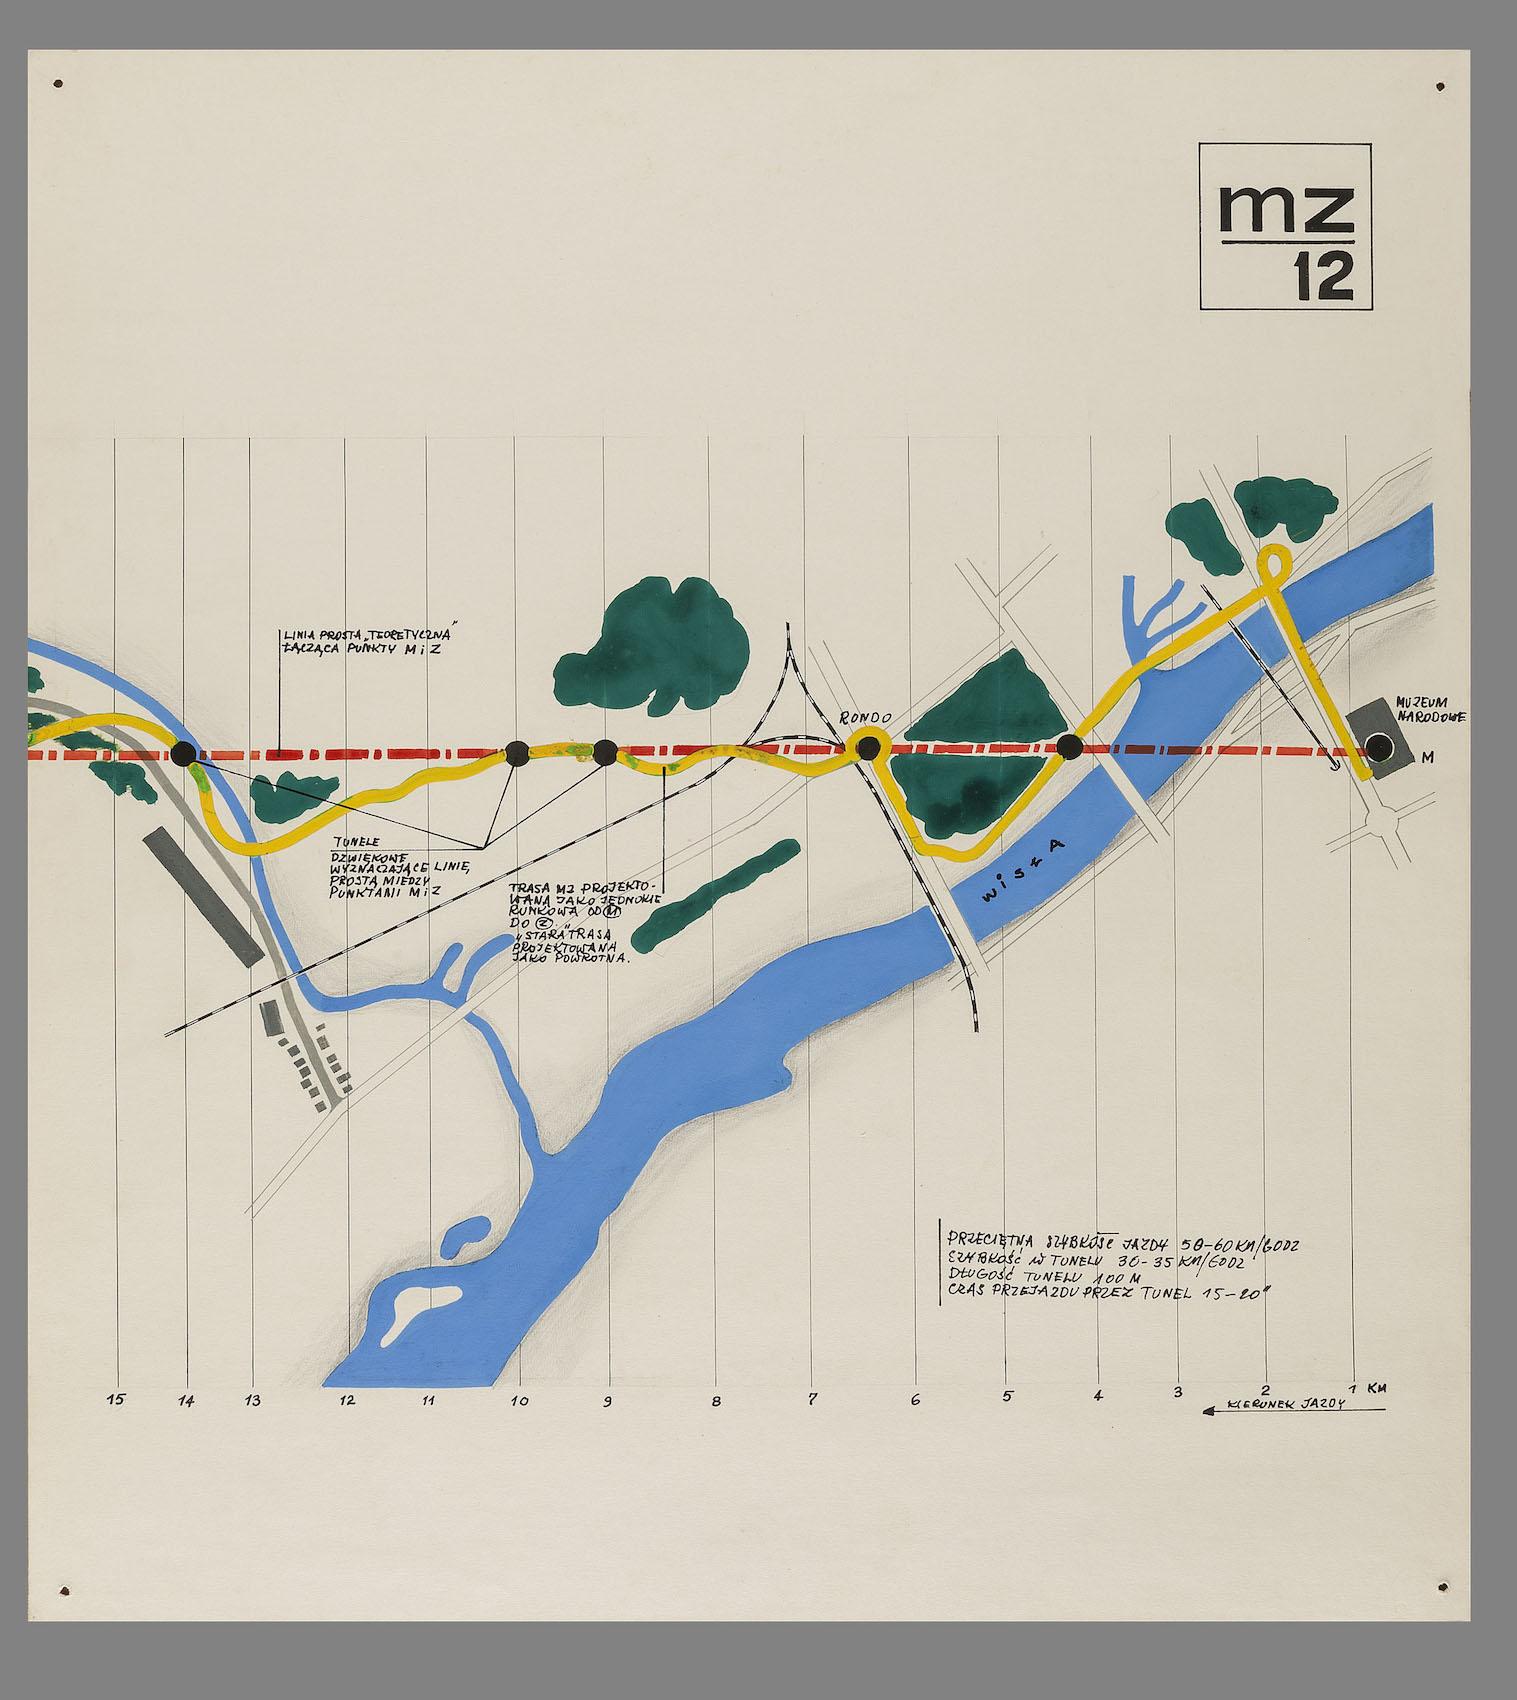 """Jerzy Derkowski, Janusz Mulak, Elżbieta Sikora-Rogulska – """"Propozycje zagospodarowania Trasy Muzeum – Zalew Zegrzyński"""", 1971 (źródło: materiały prasowe organizatora)"""